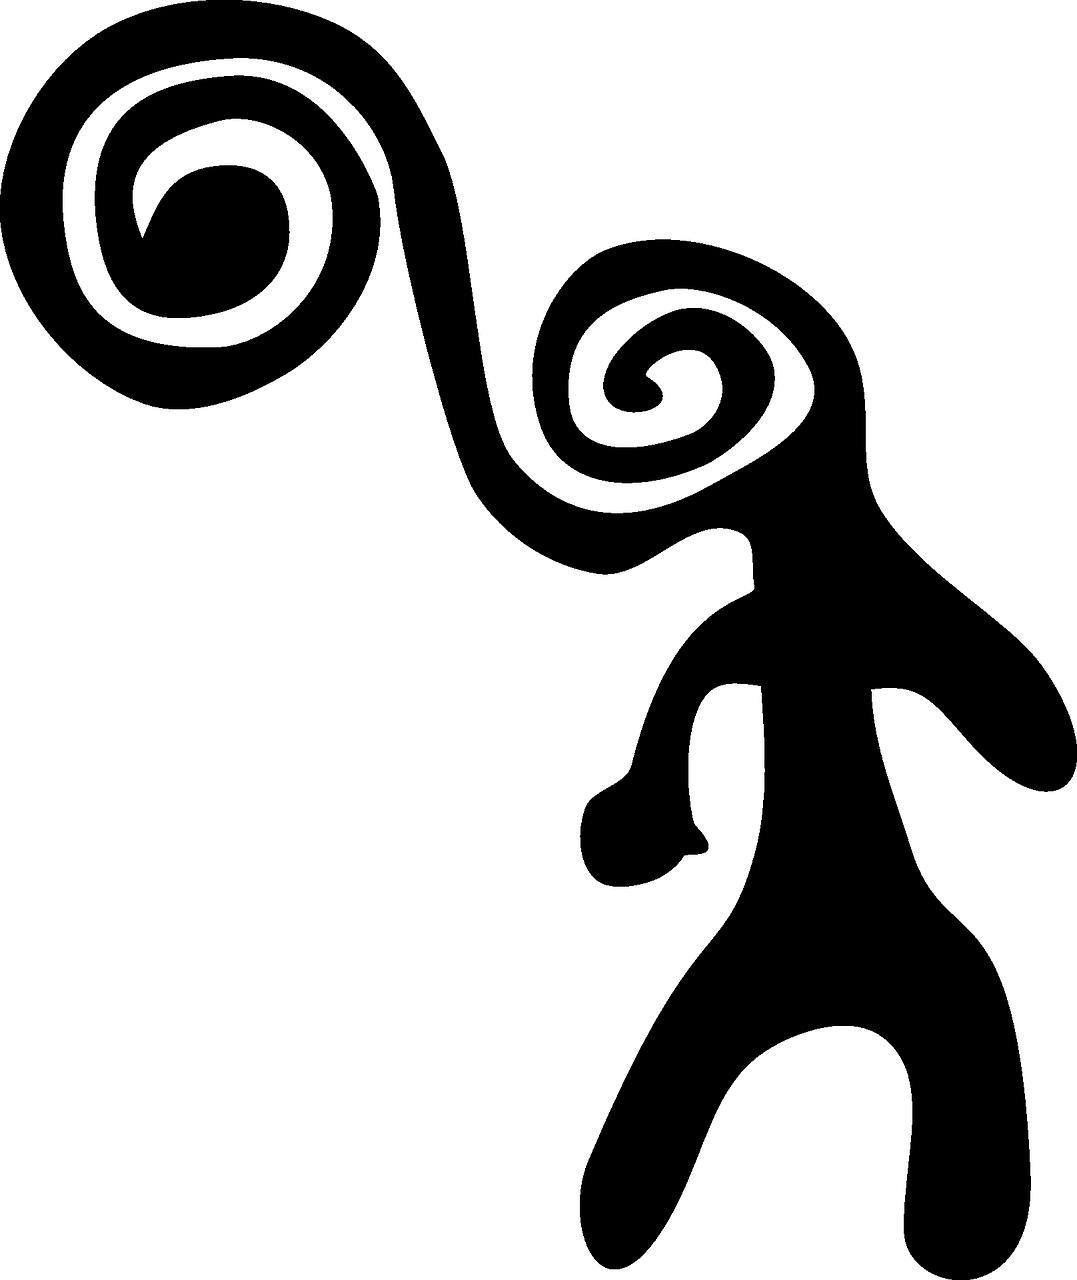 древние символы человека картинки